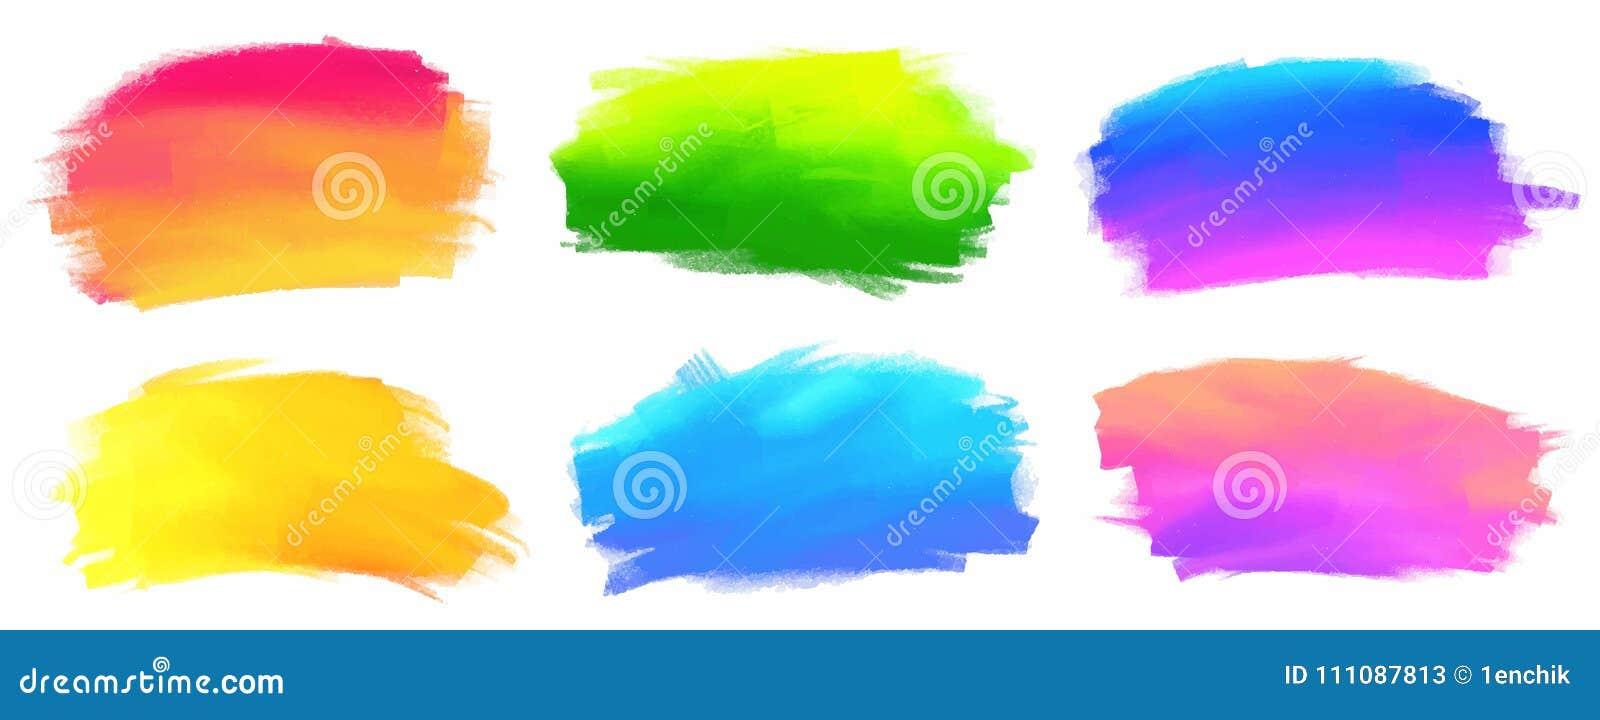 充满活力的光谱上色传染媒介丙烯酸漆污点